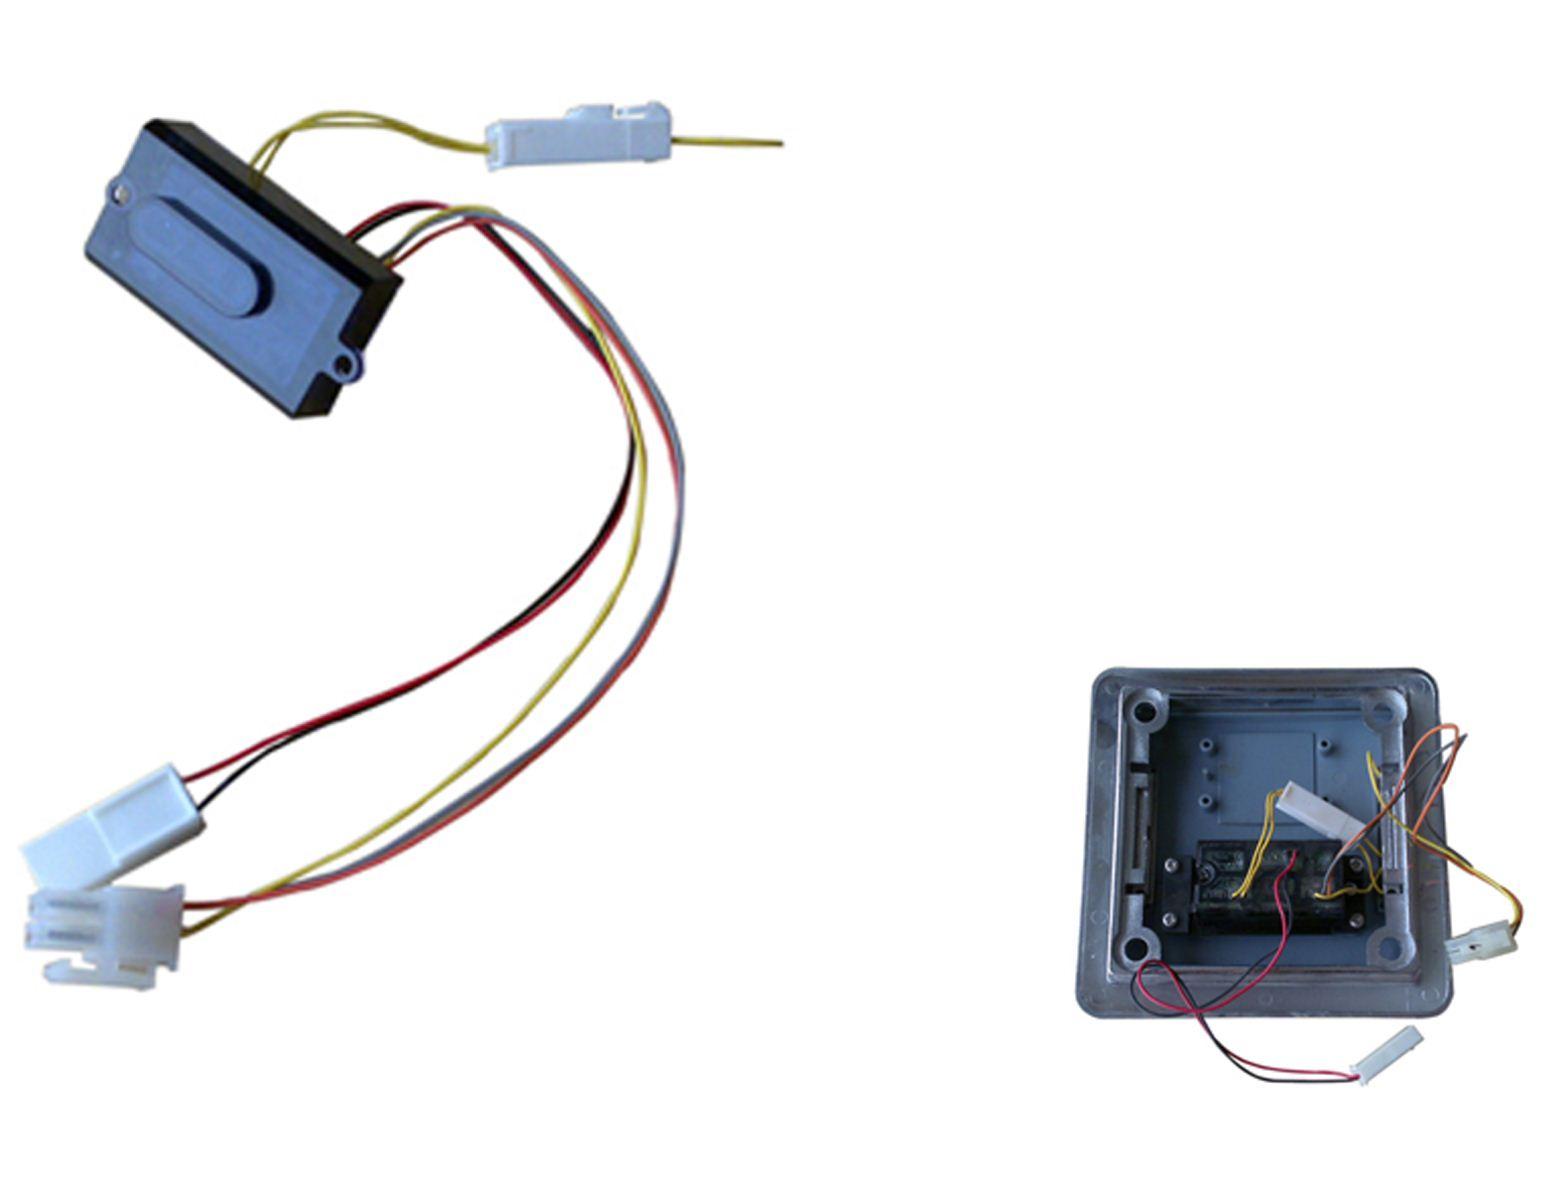 TOTO DUE 101 小便器感应电路